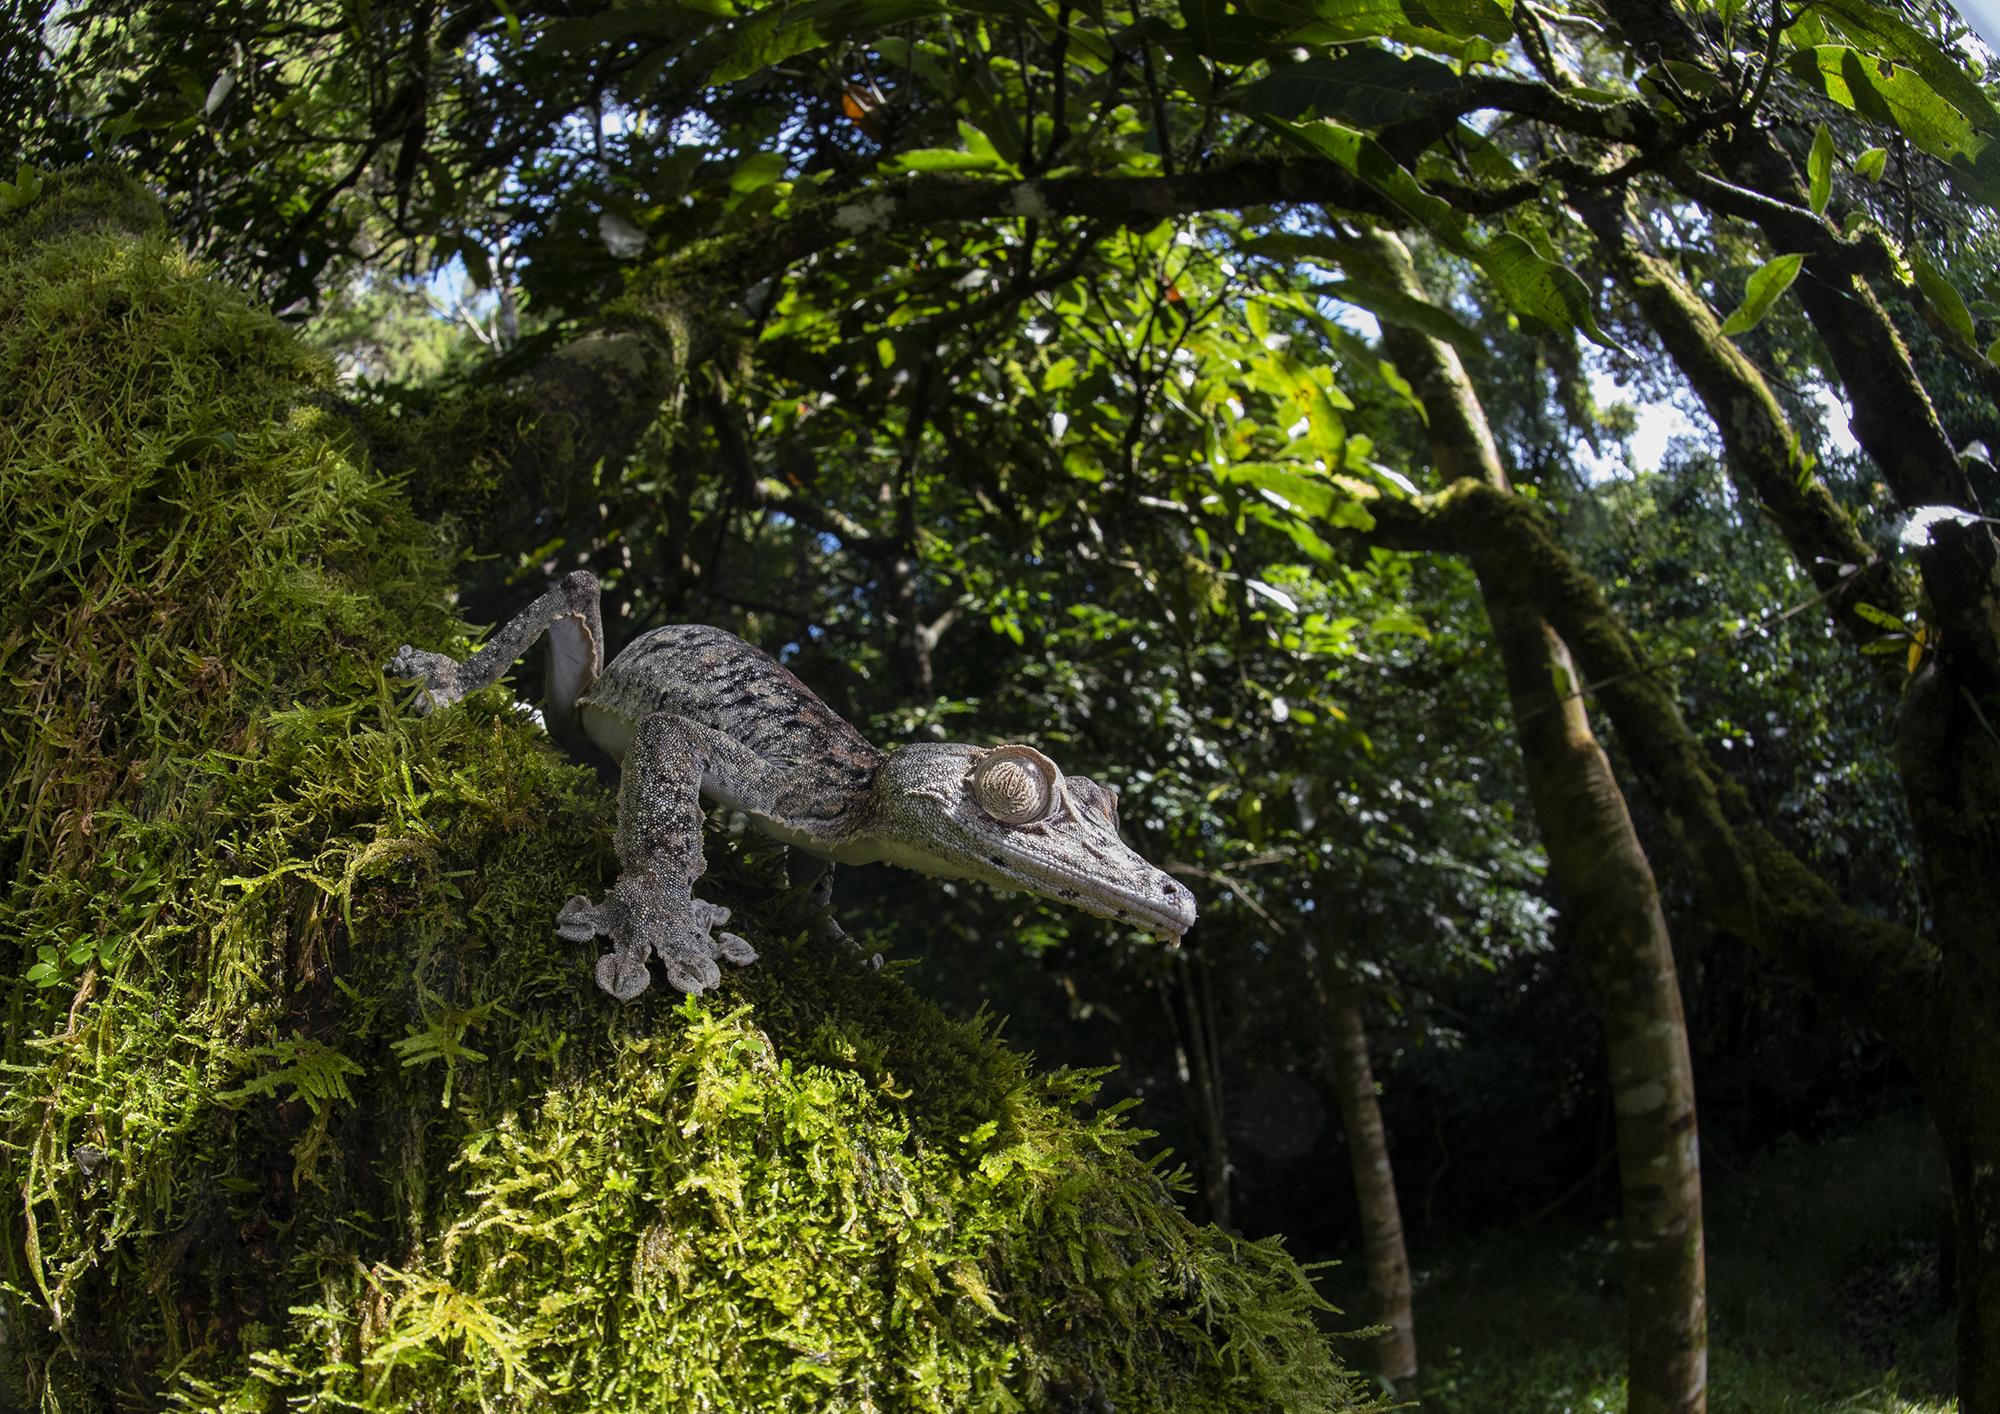 Uroplatus giganteus Tanalahorizon